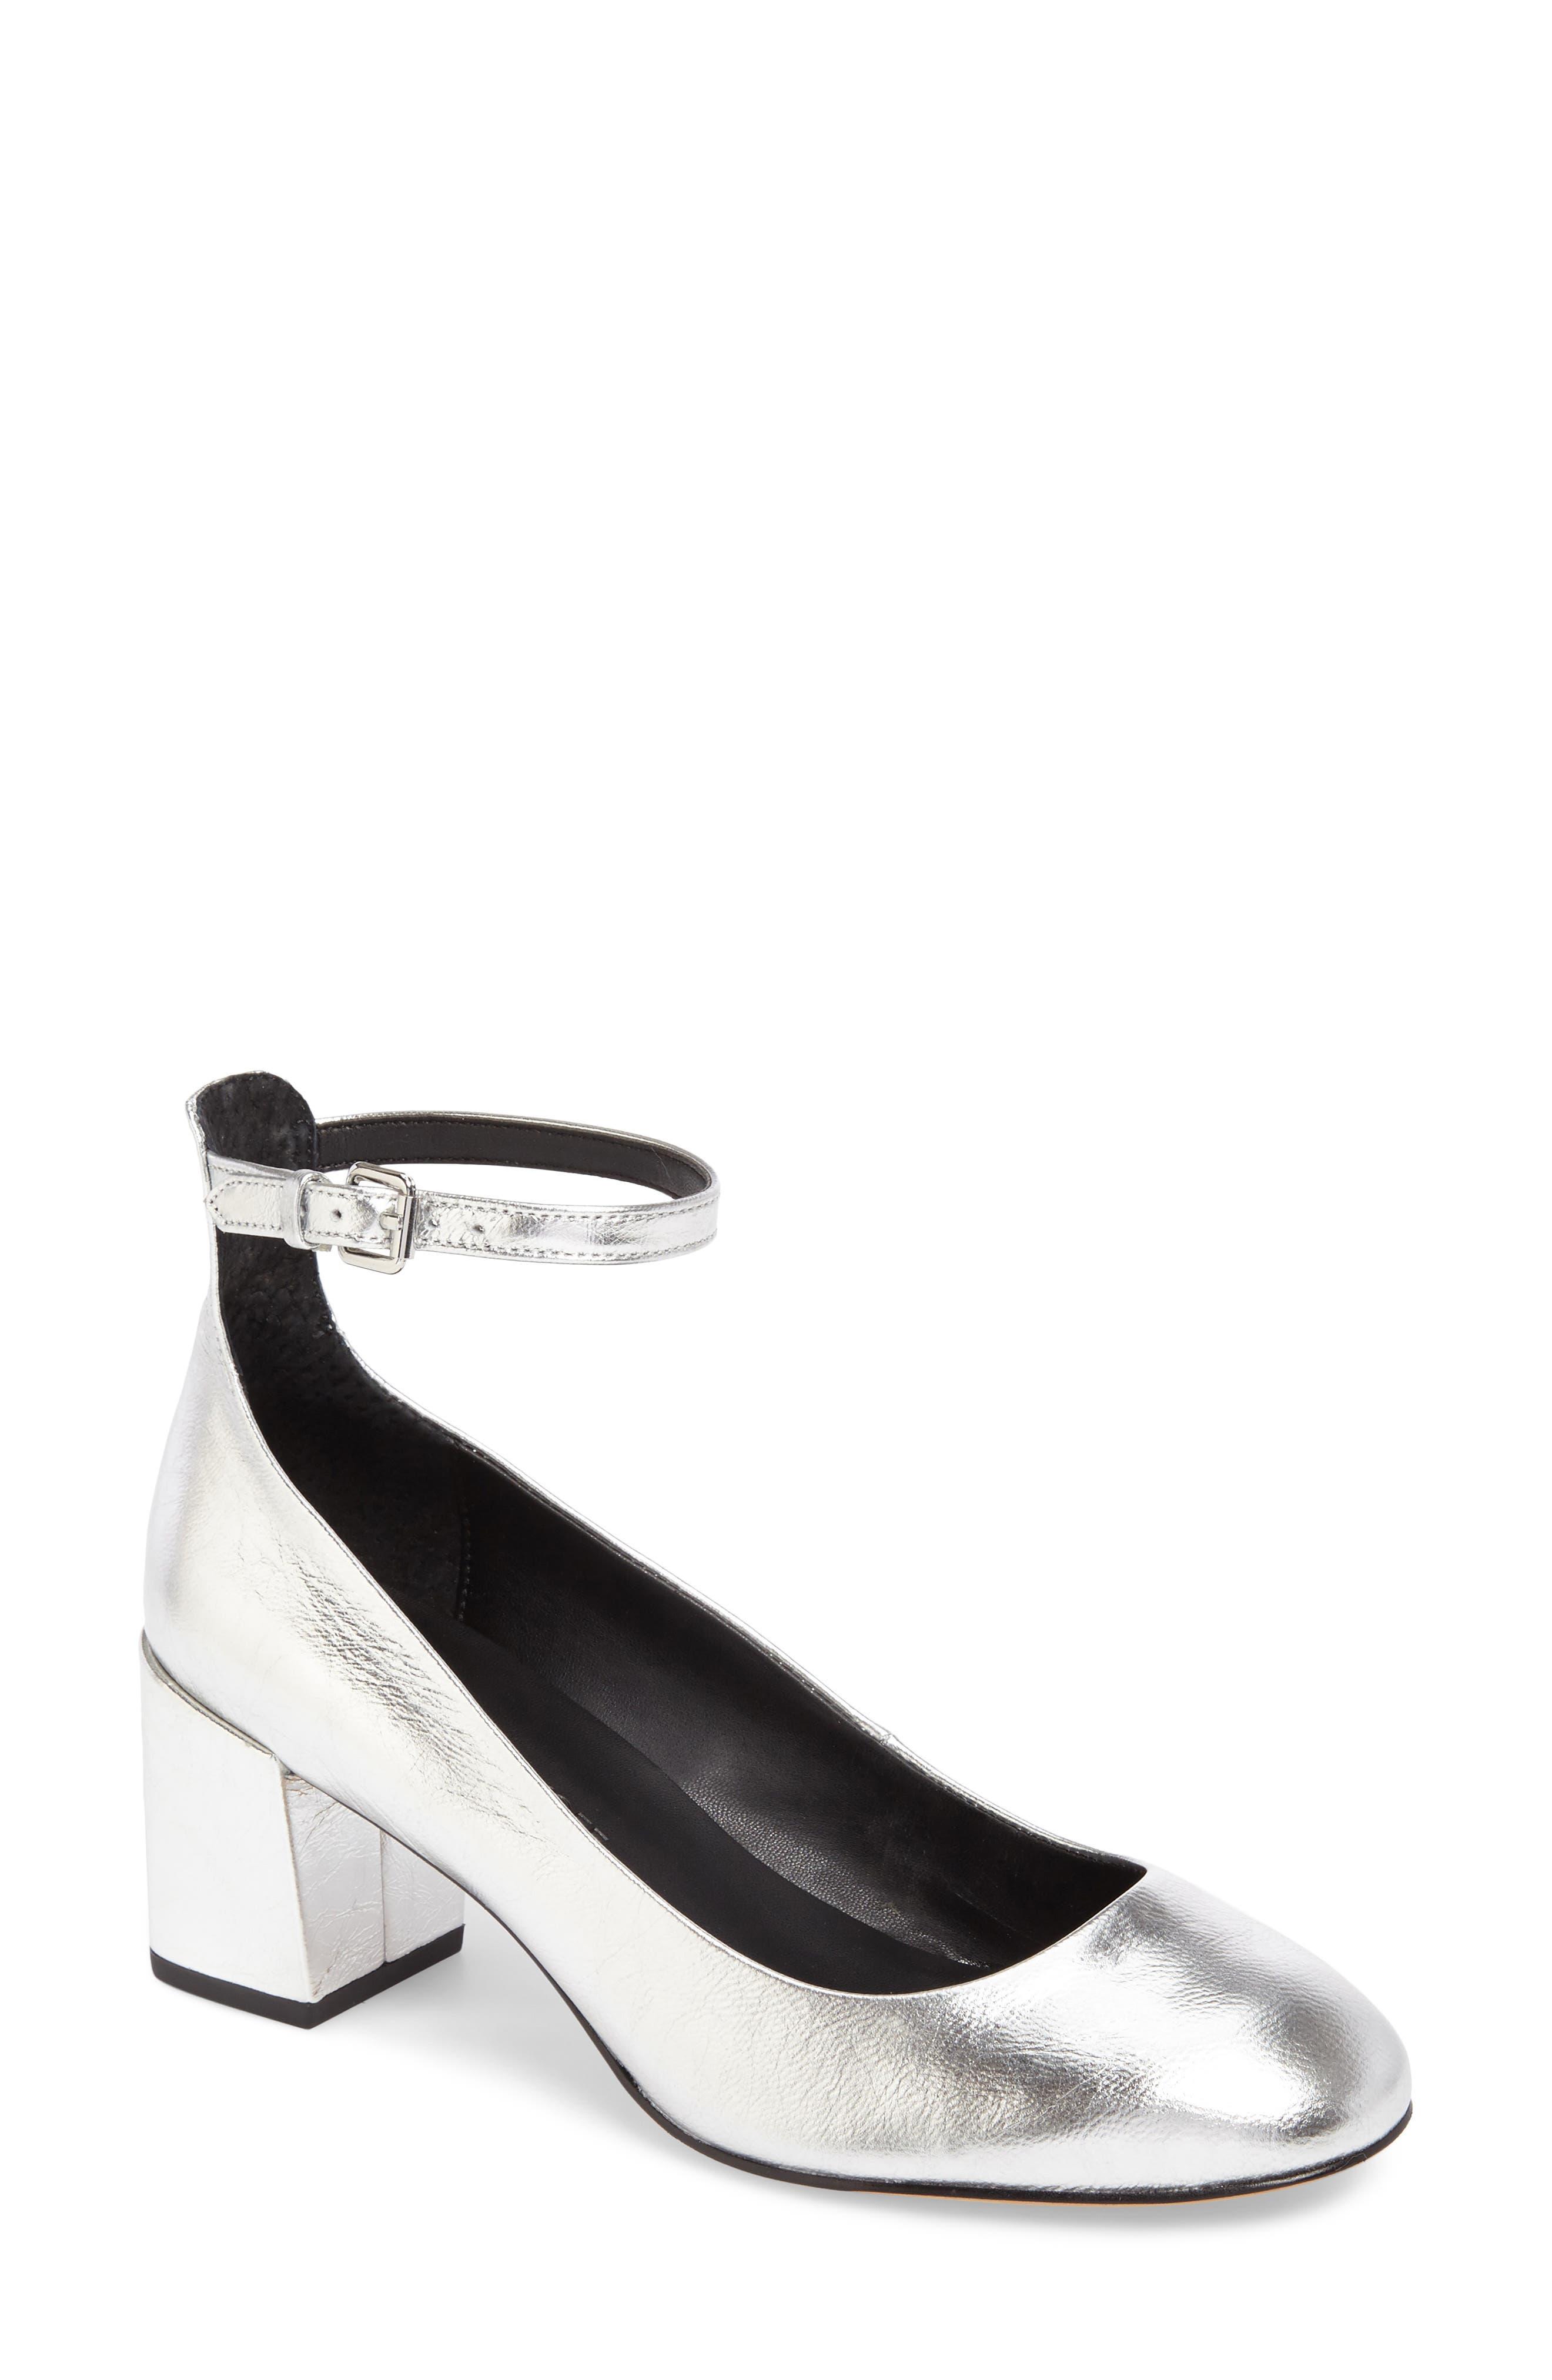 Bridget Ankle Strap Pump,                             Main thumbnail 1, color,                             Silver Leather